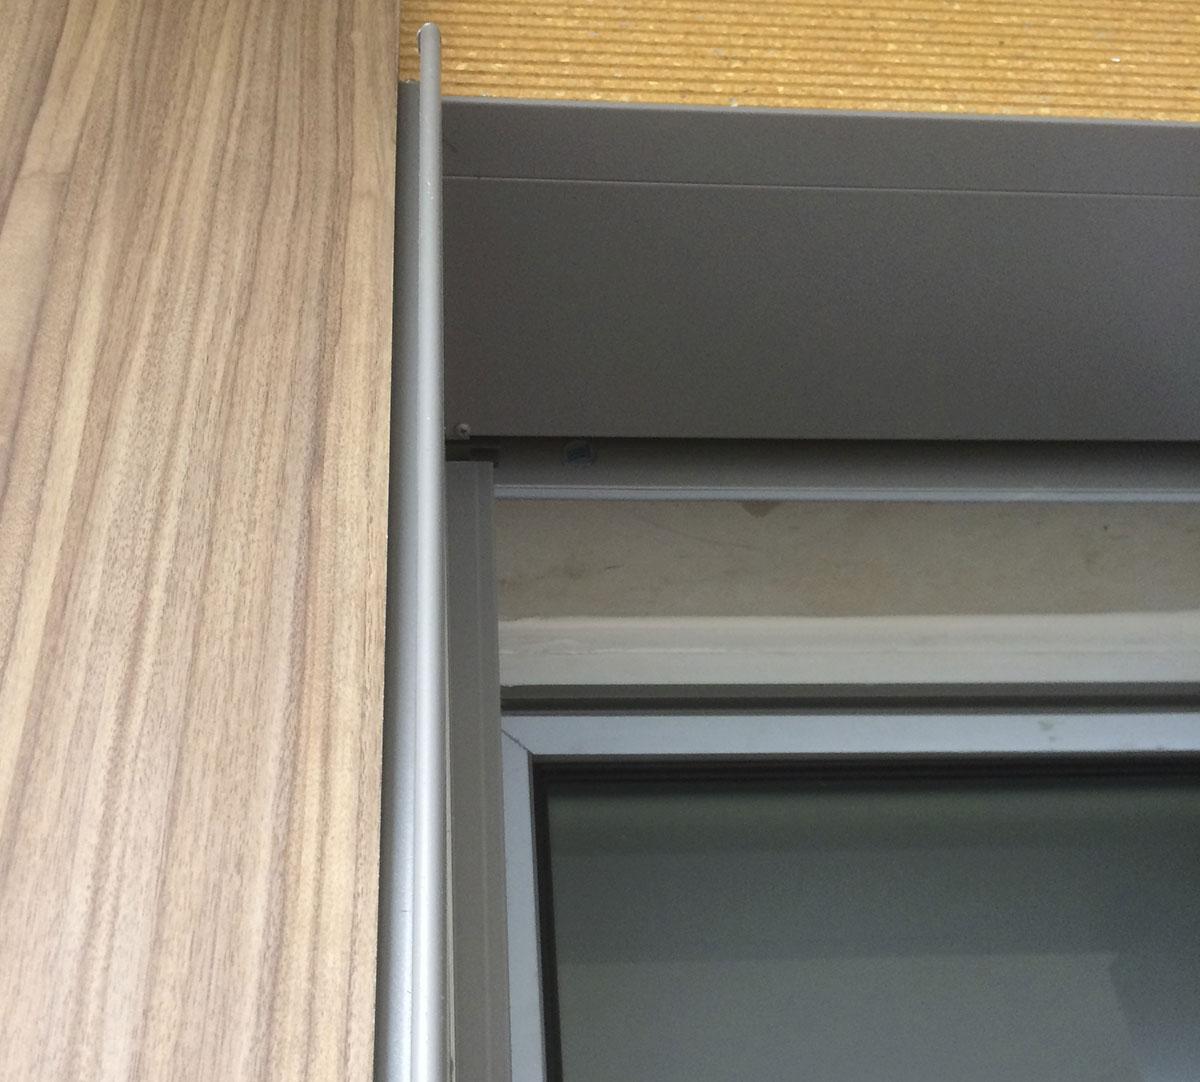 Réalisation Encadrement de fenêtres et couvertines d'acrotères sur bardage bois : image 4